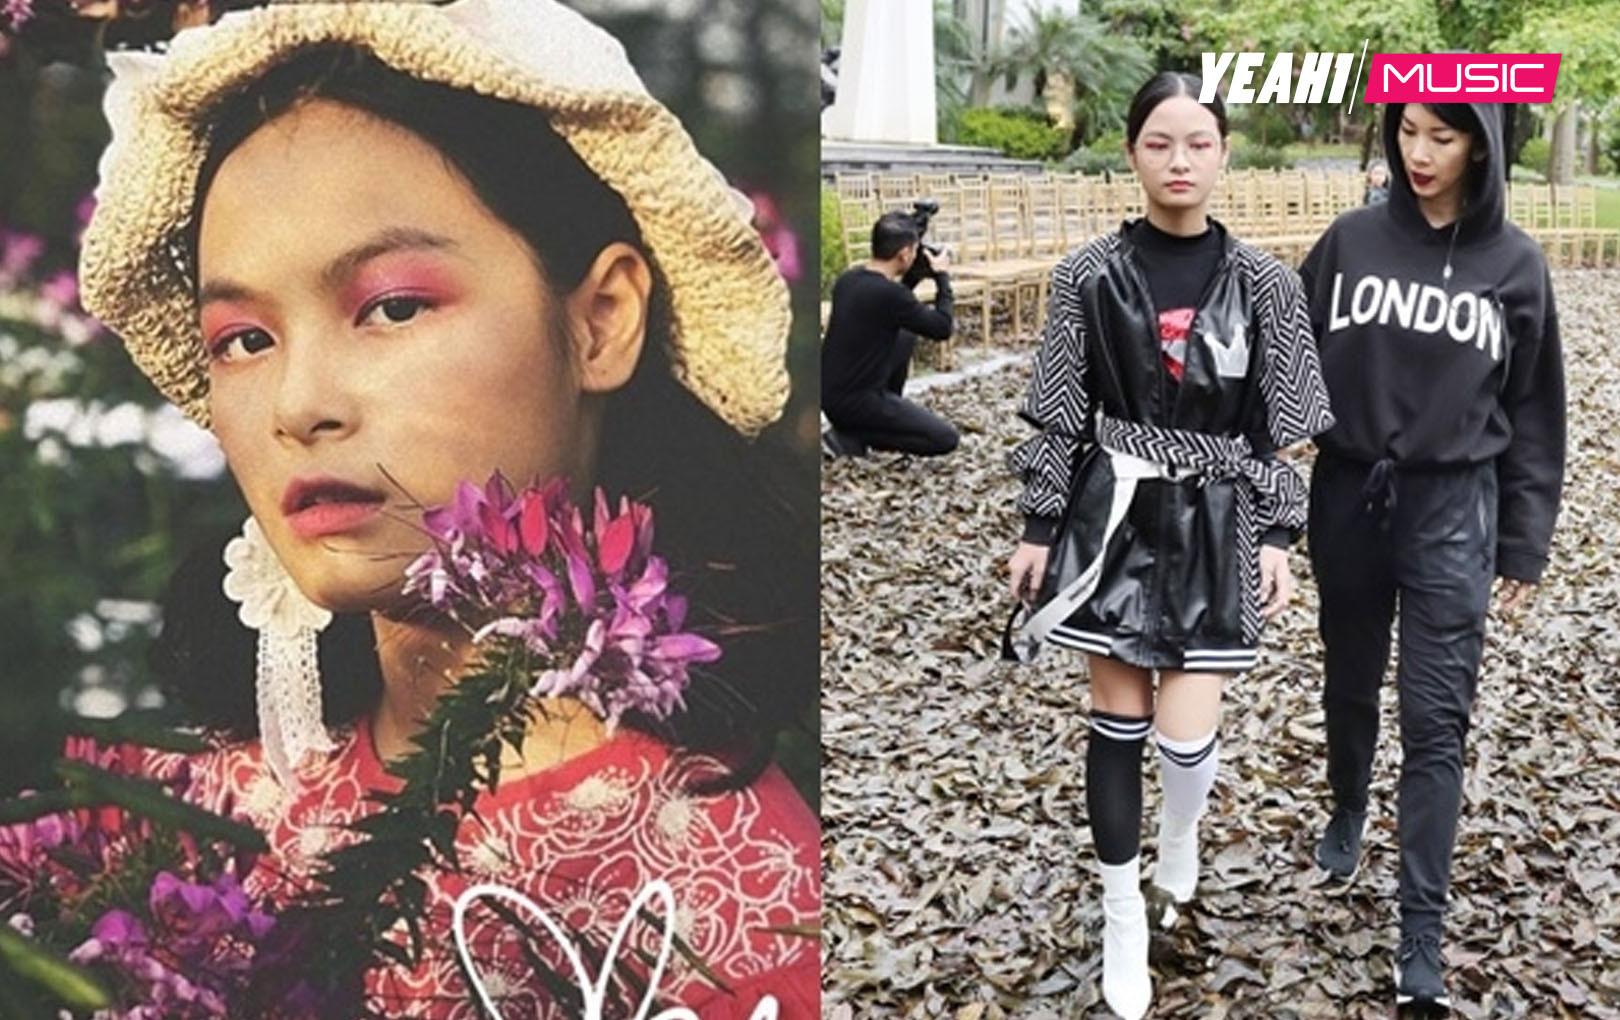 Bất ngờ với hình ảnh mới nhất con gái MC Phan Anh: Là hot face, thần thái chuẩn người mẫu